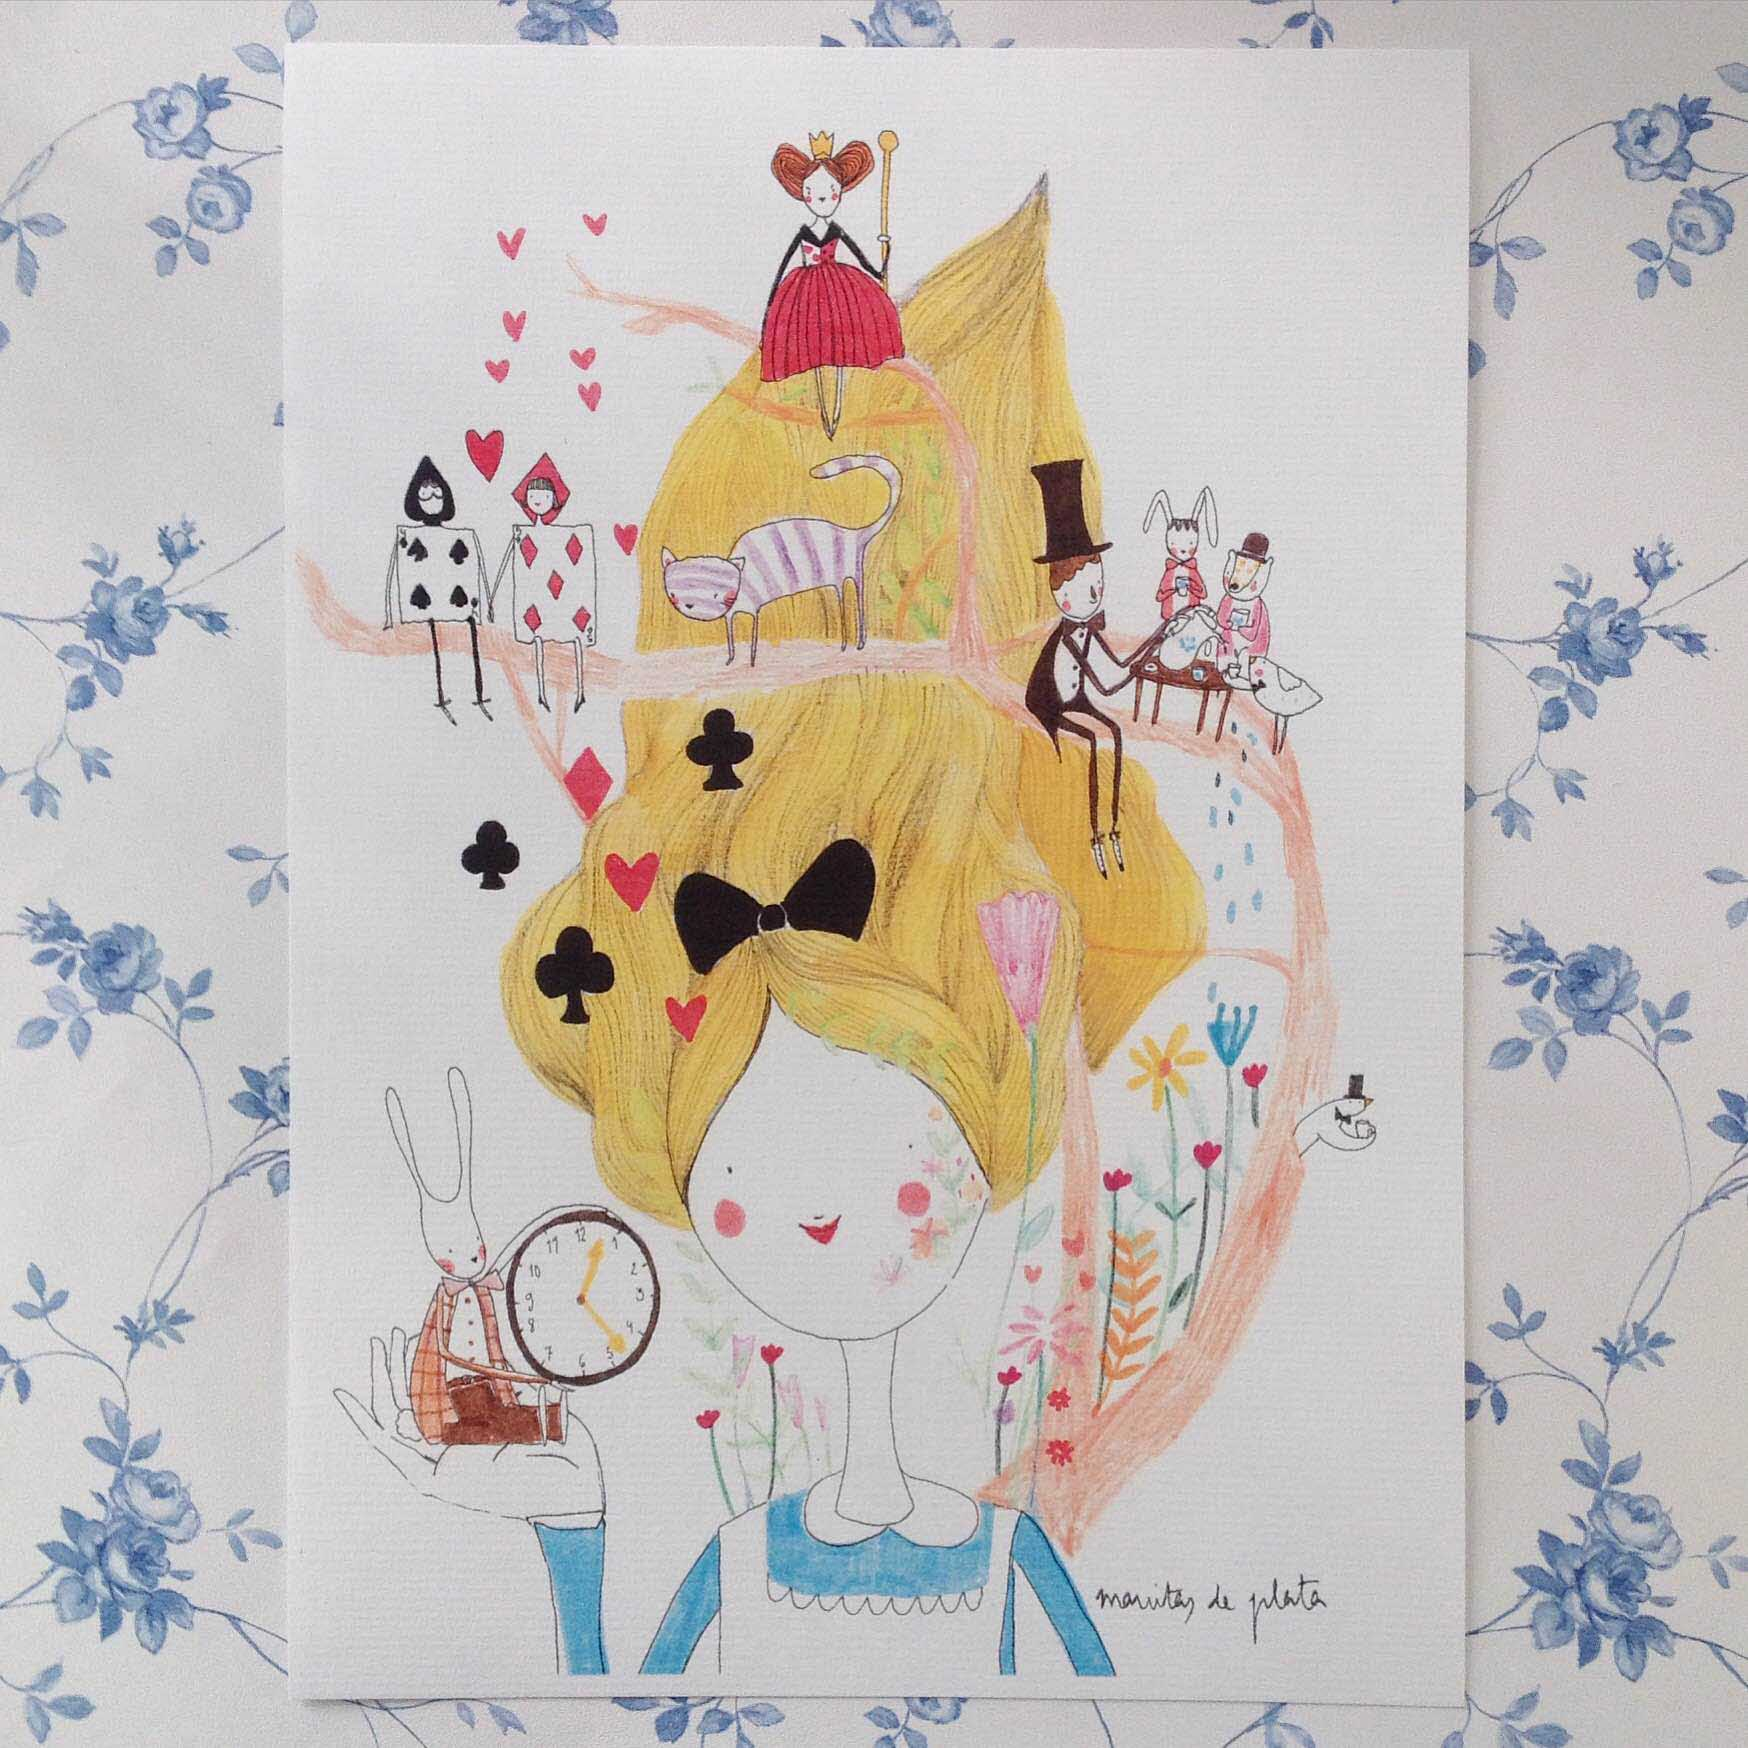 ilustracion alicia en el pais de las maravillas